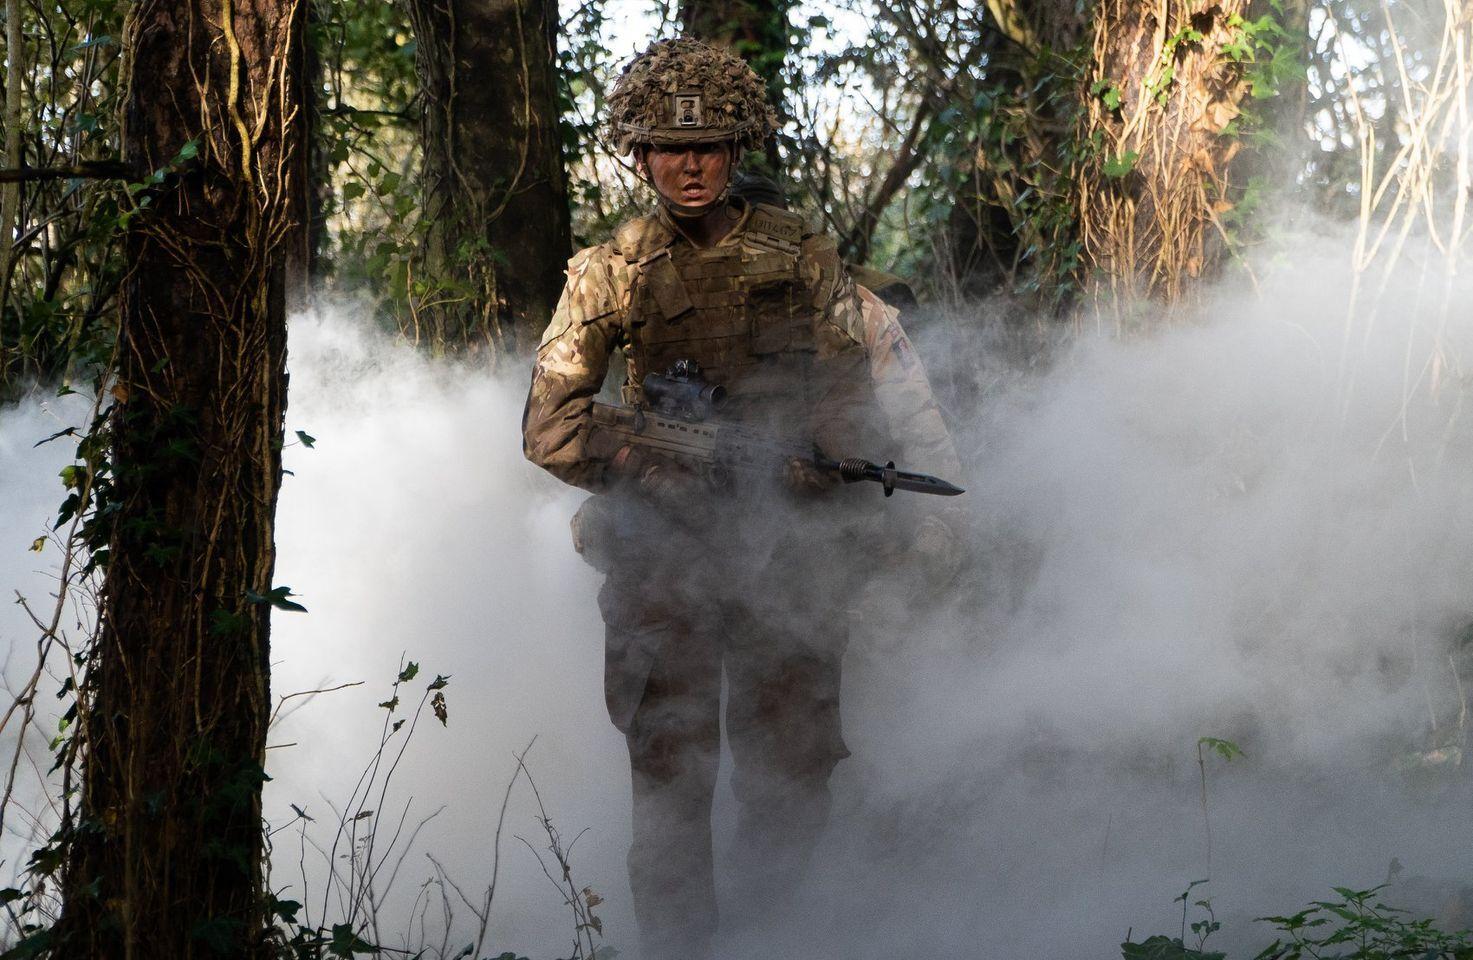 Female Rifleman walking through smoke filled woodland